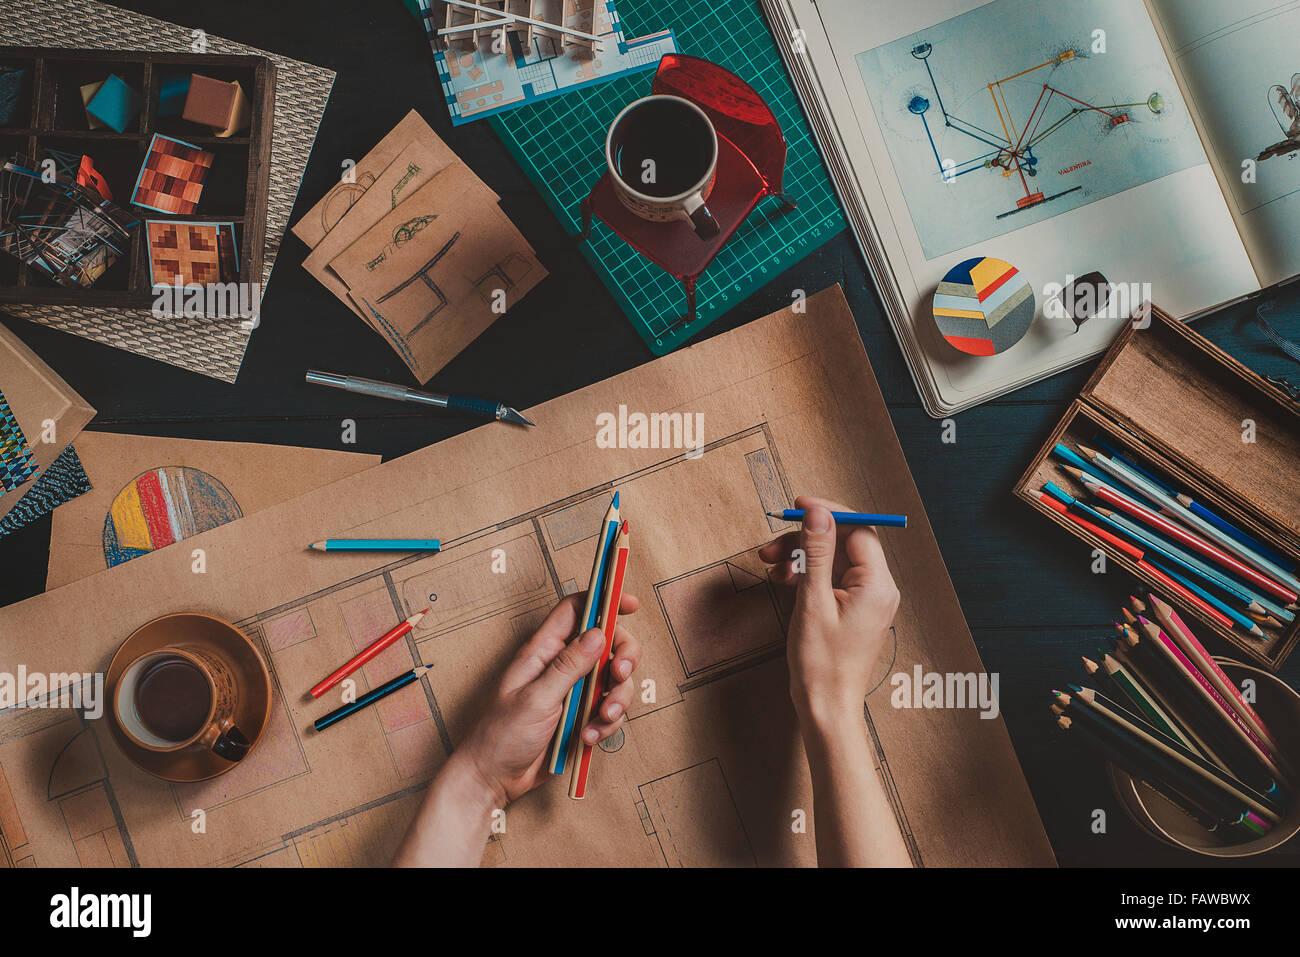 Designer Arbeitsplatz mit kreativ-Tools und Haus Baupläne Stockbild